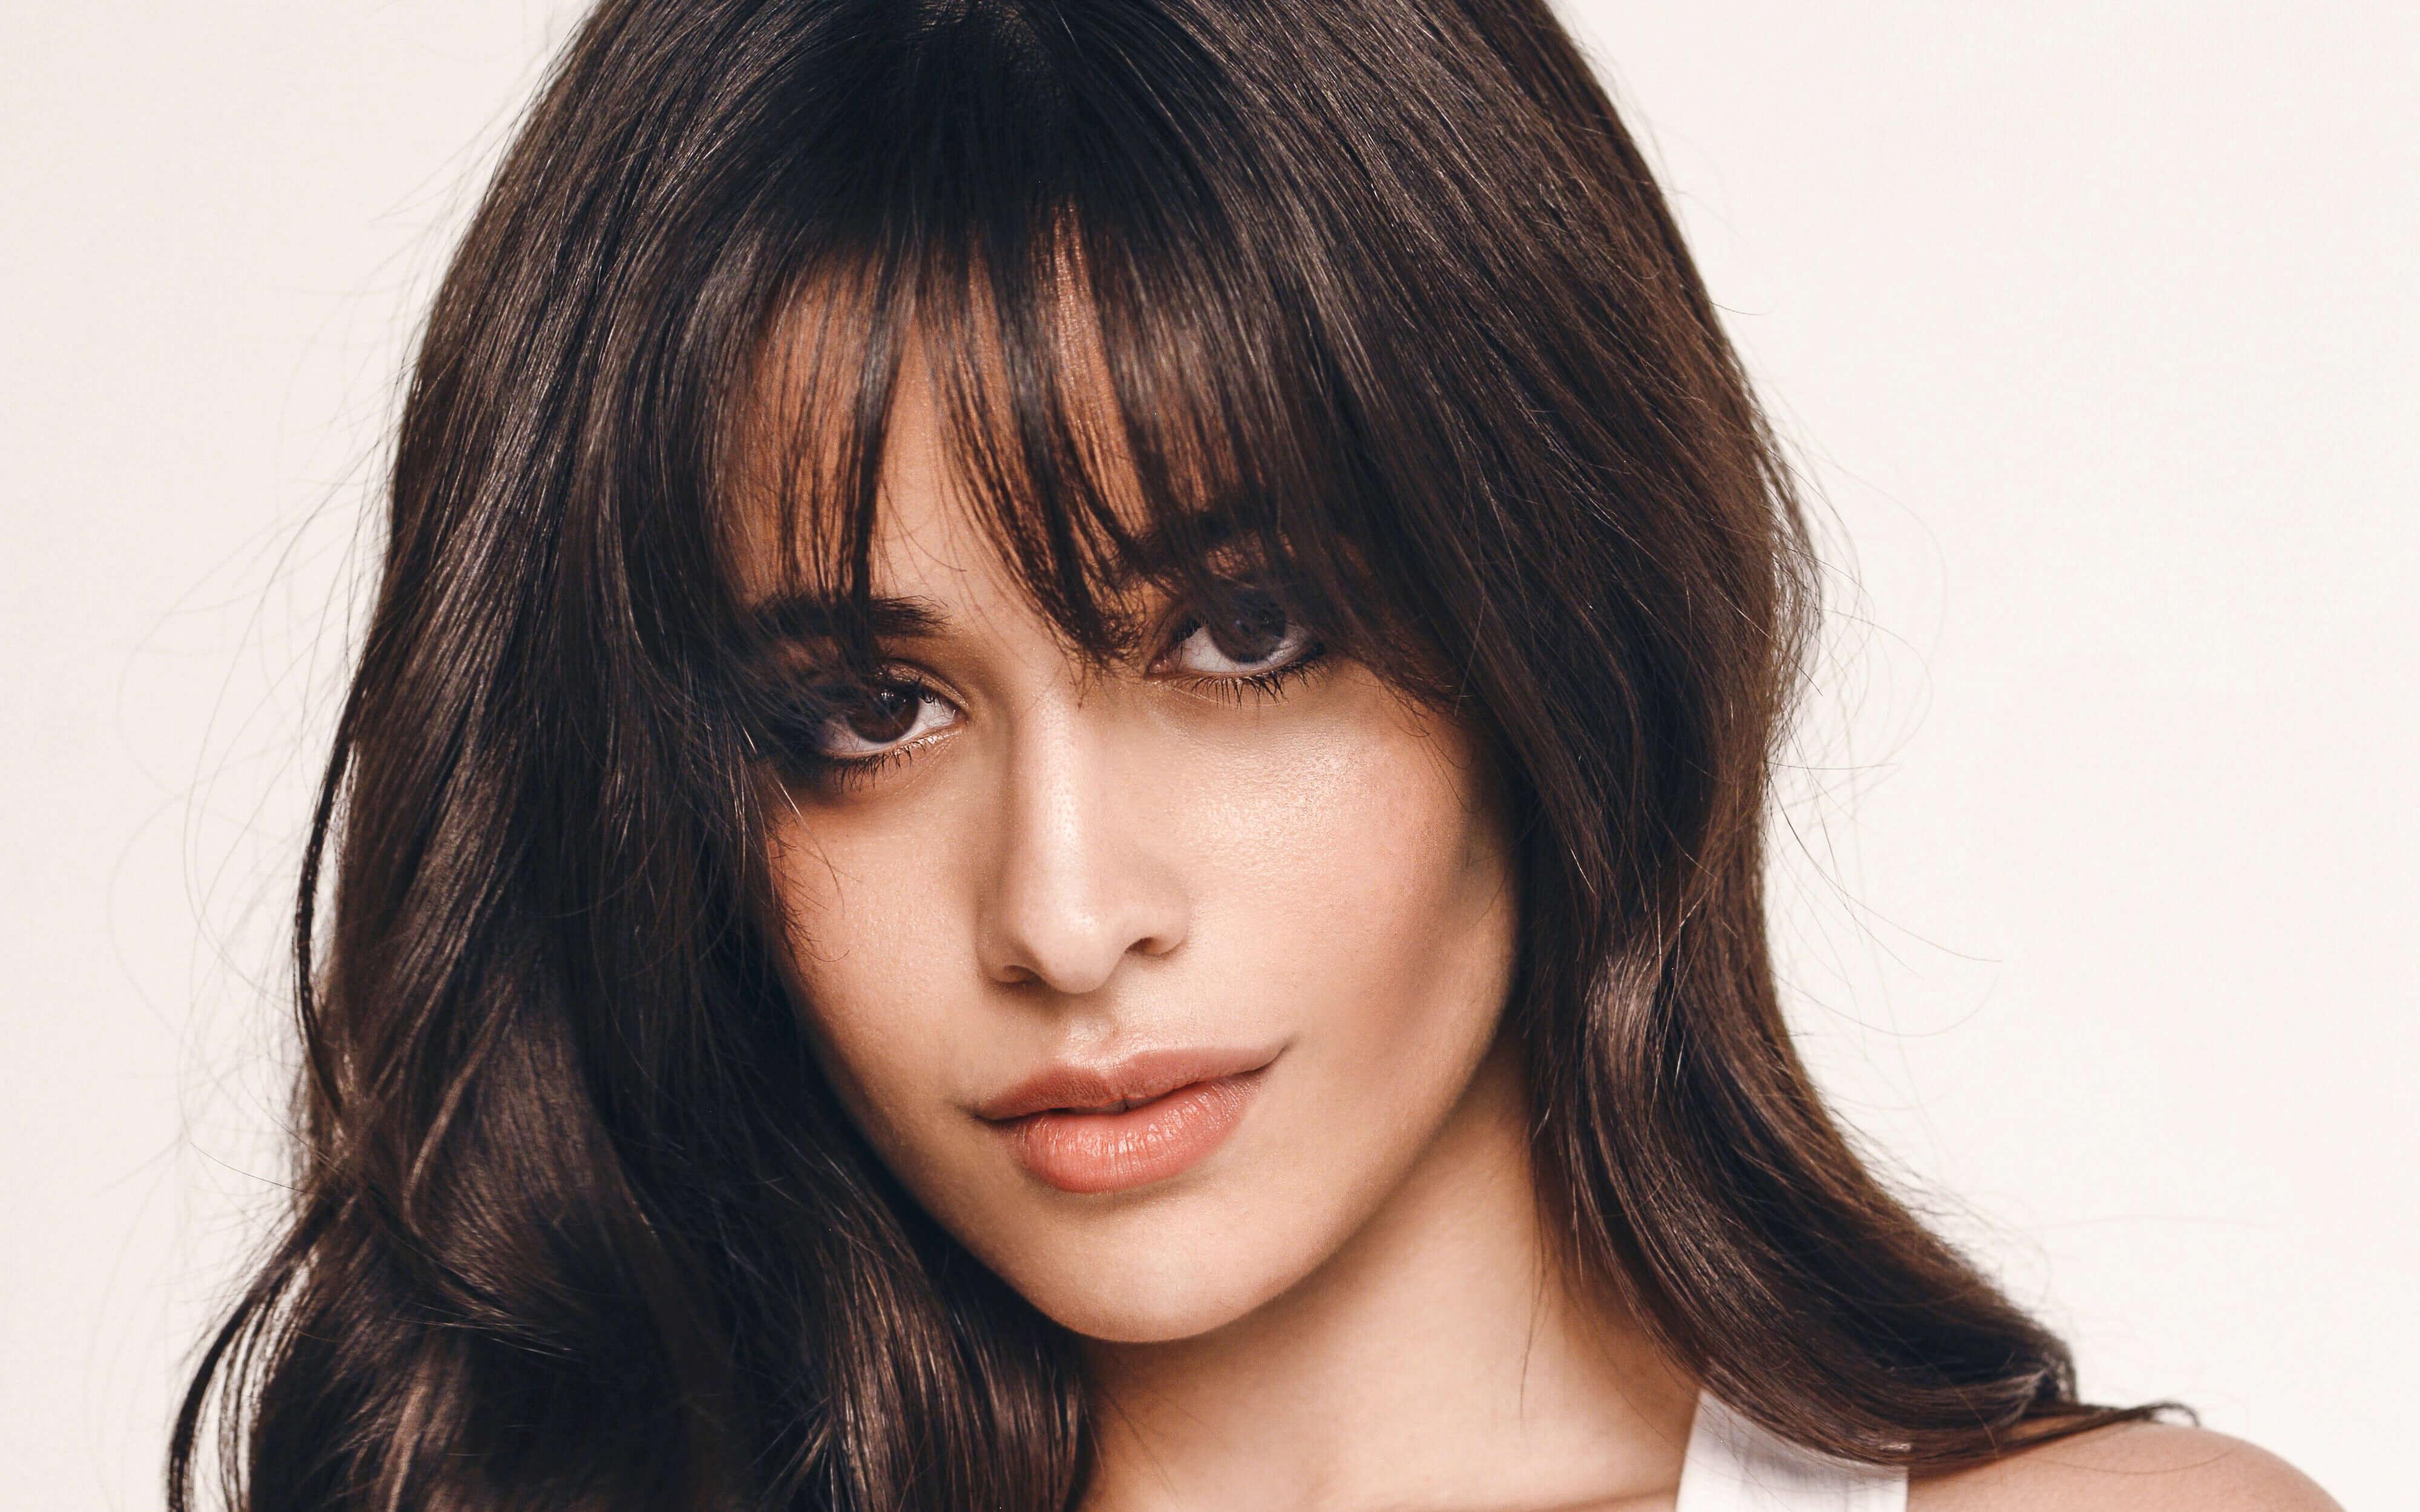 4K Camila Cabello Face Wallpaper 64581 4000x2500px 4000x2500